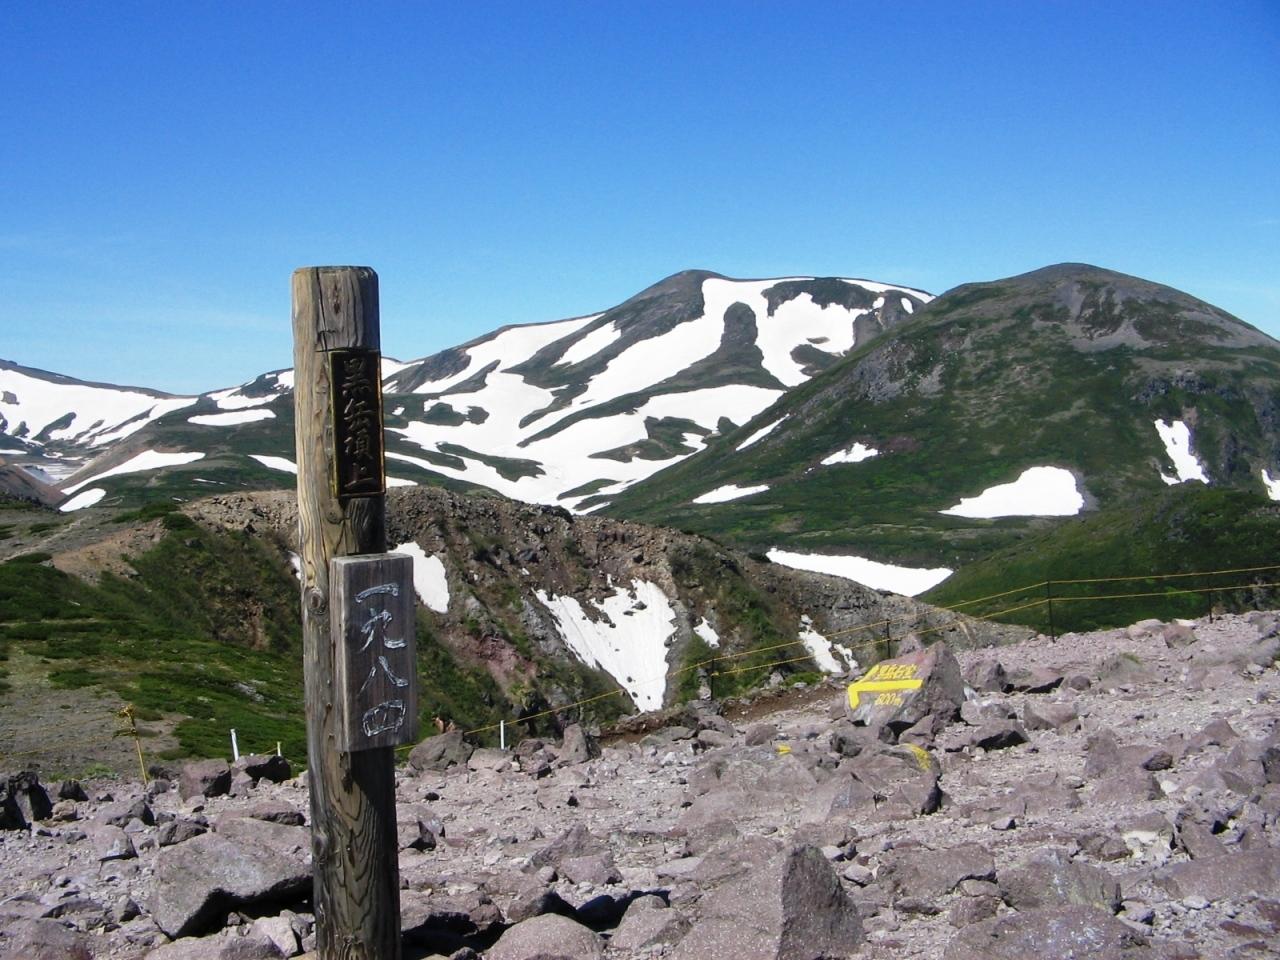 大雪山層雲峡・黒岳ロープウェイ   豊かな自然をロープウェイから眺める楽しいひととき